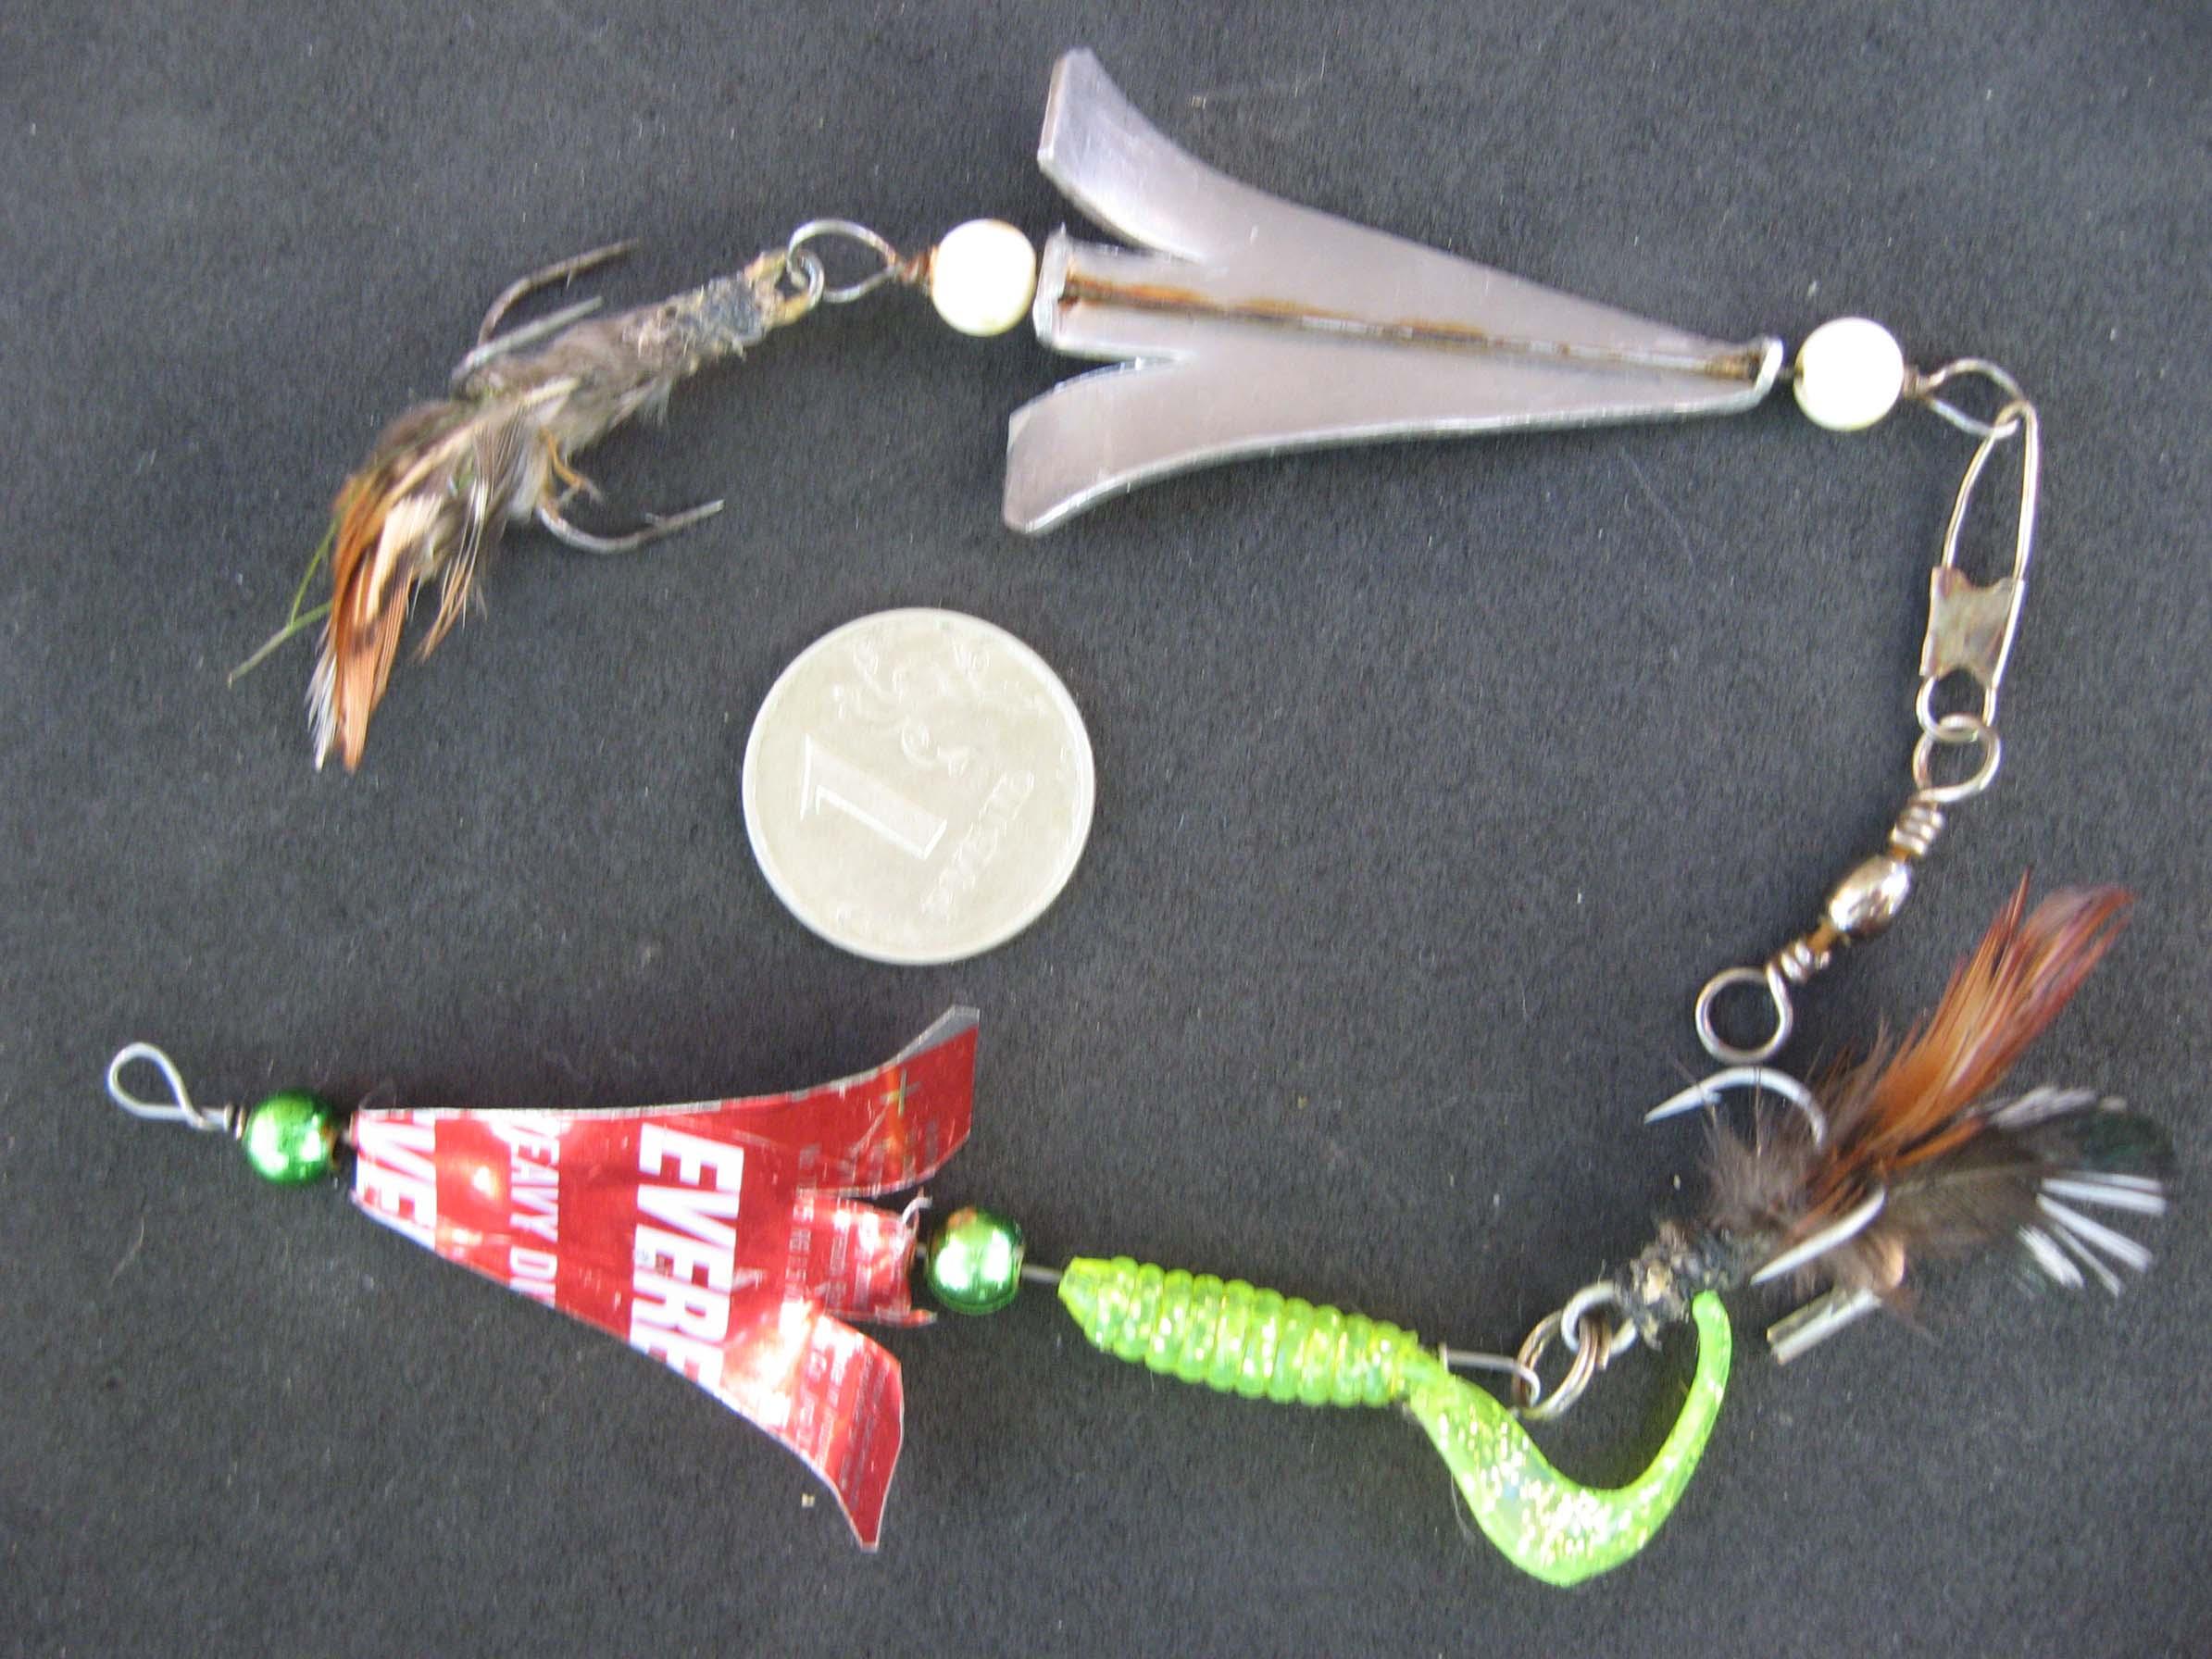 Как сделать приманку спиннербейт своими руками для ловли щуки